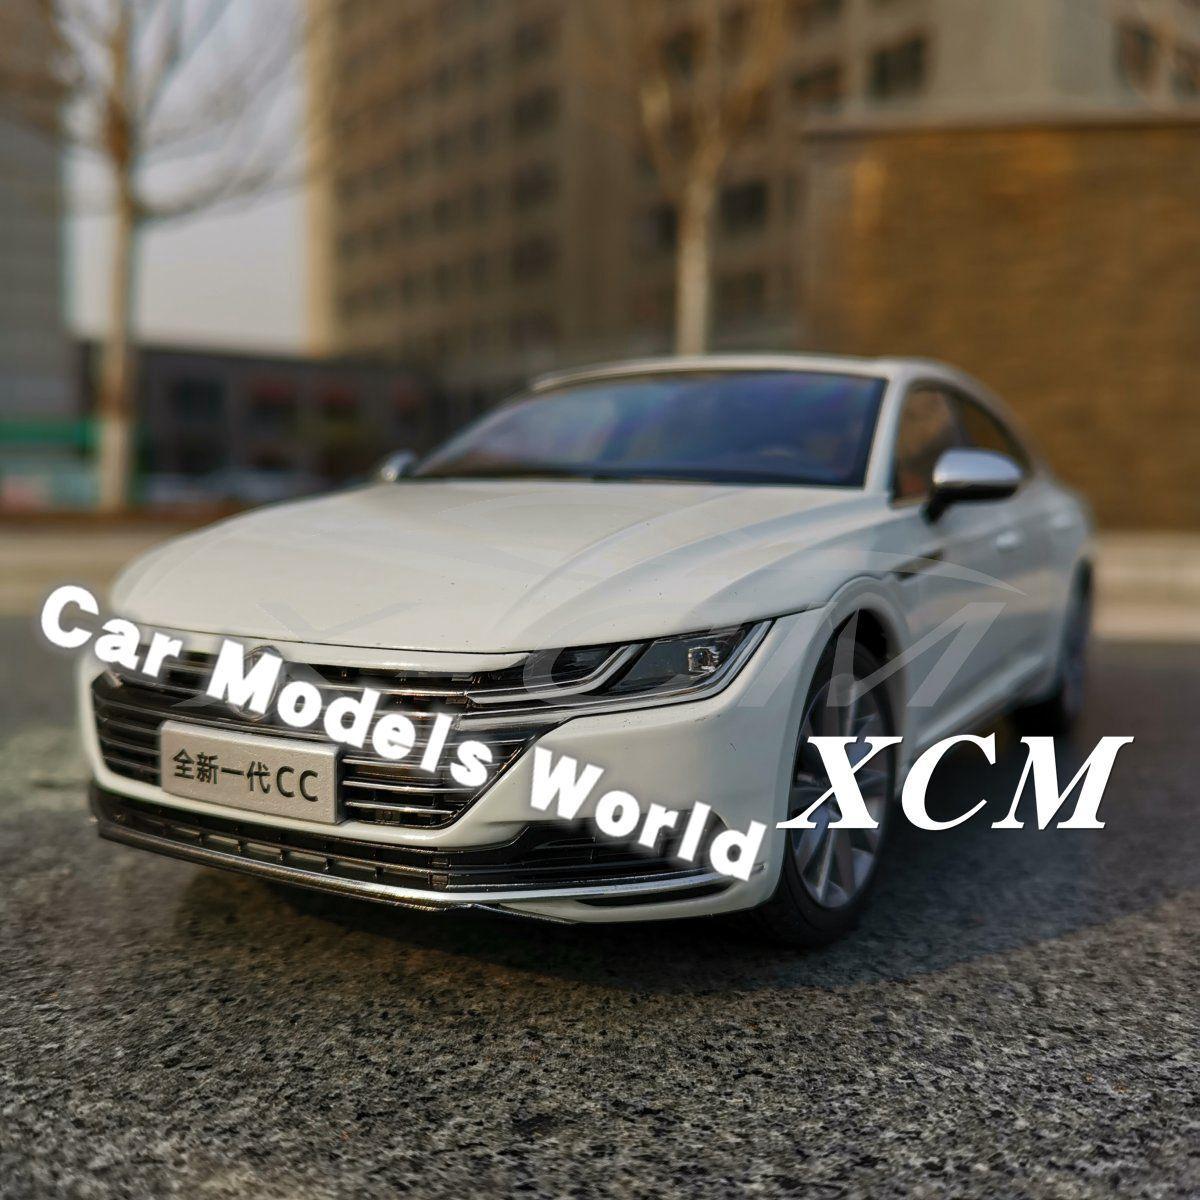 benvenuto per ordinare auto modello modello modello for Arteon the Next Generation CC 1 18 (bianca) + SMtutti GIFT     marchi di stilisti economici